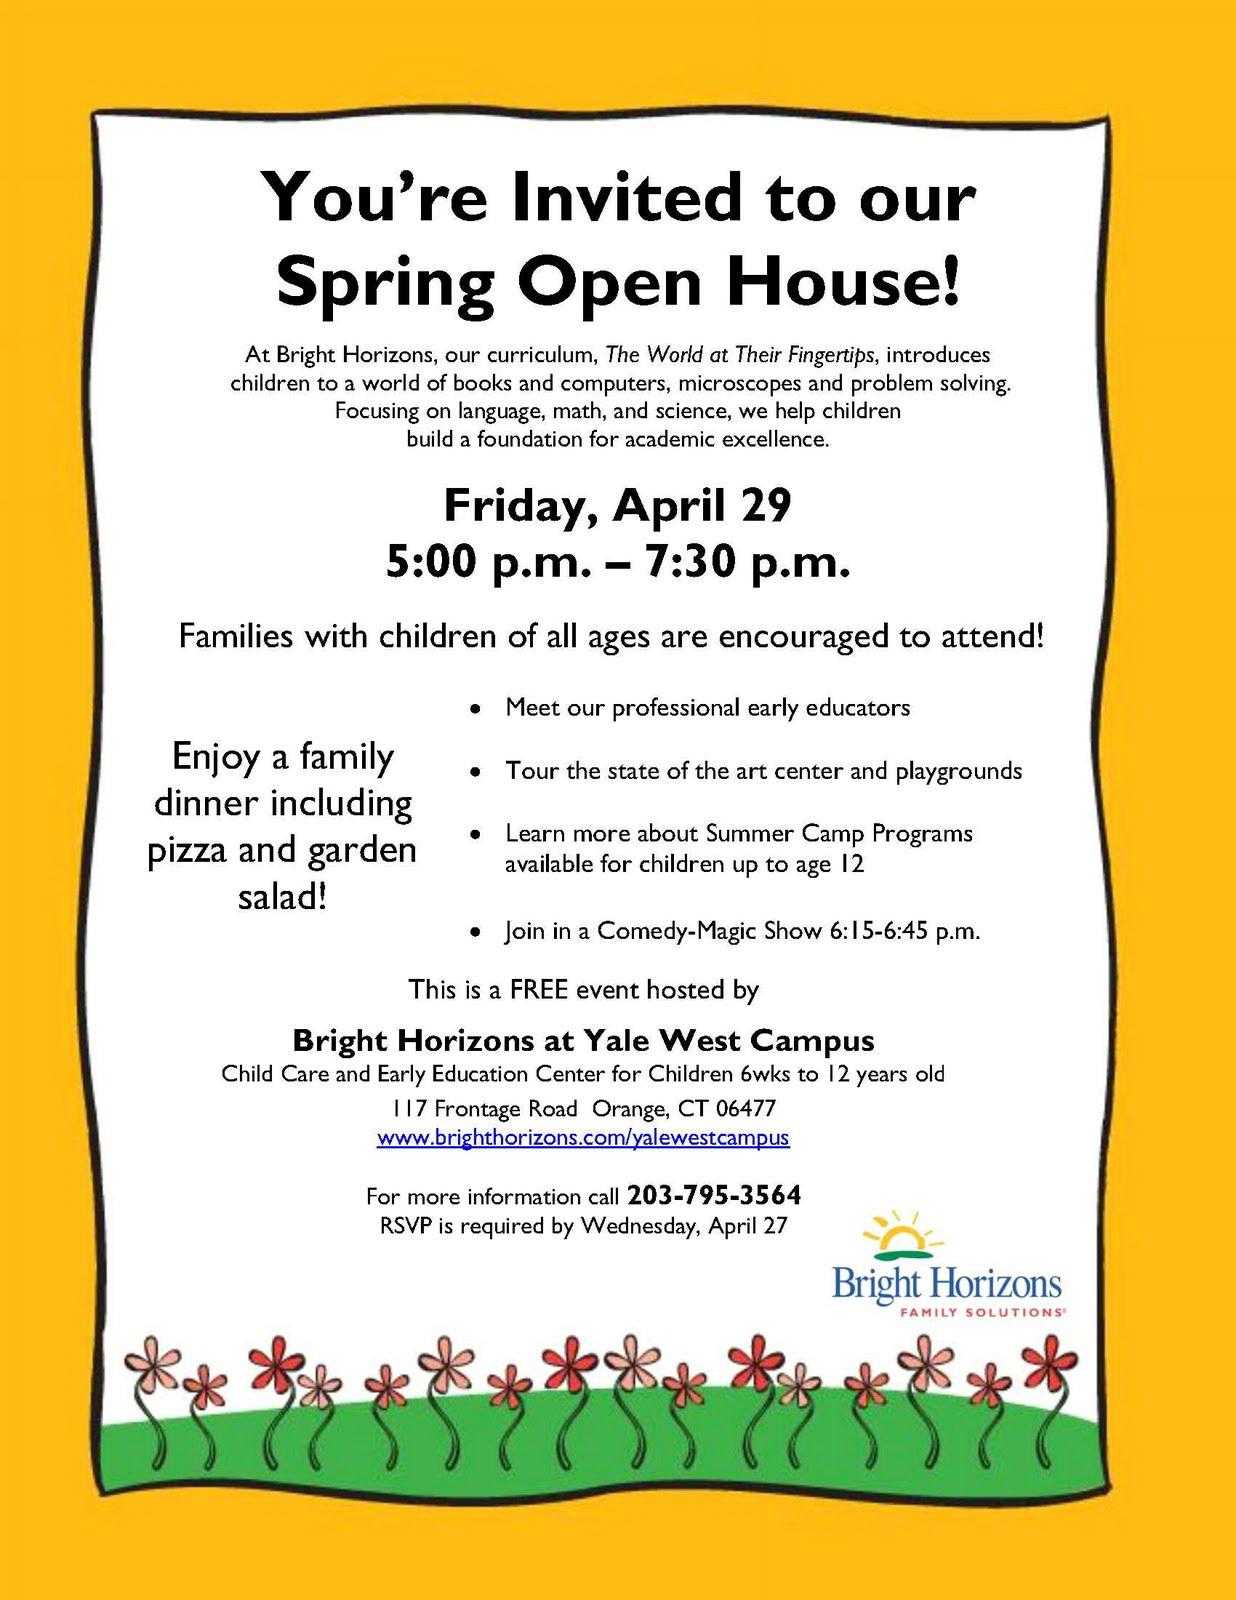 School Open House Flyer Template Free